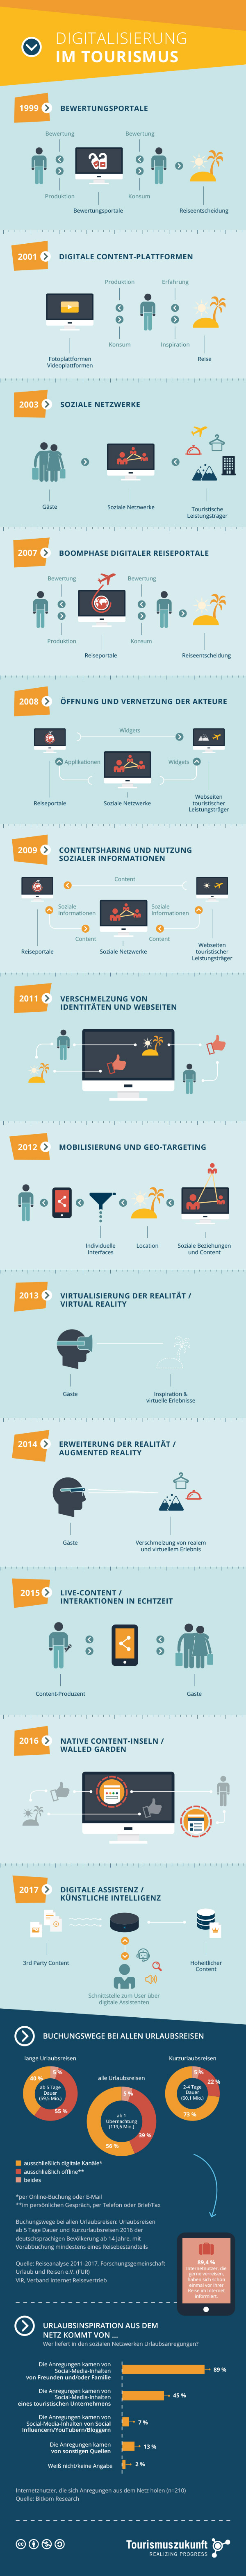 Der digitale Wandel im Tourismus in 13 Entwicklungsstufen